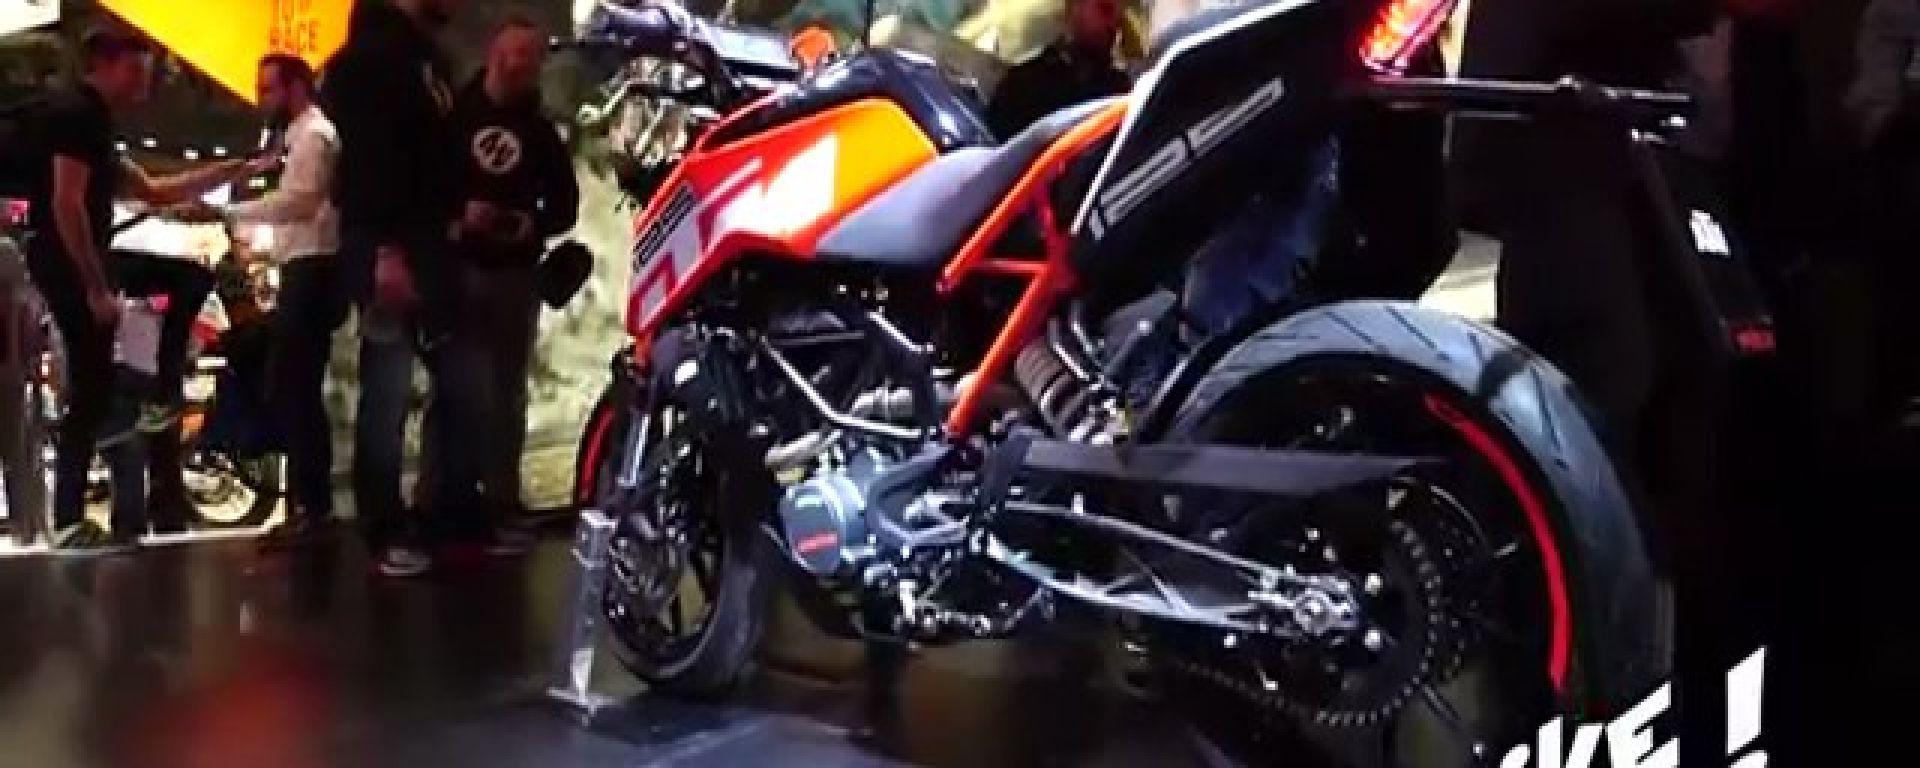 KTM Duke 125, 250 e 390